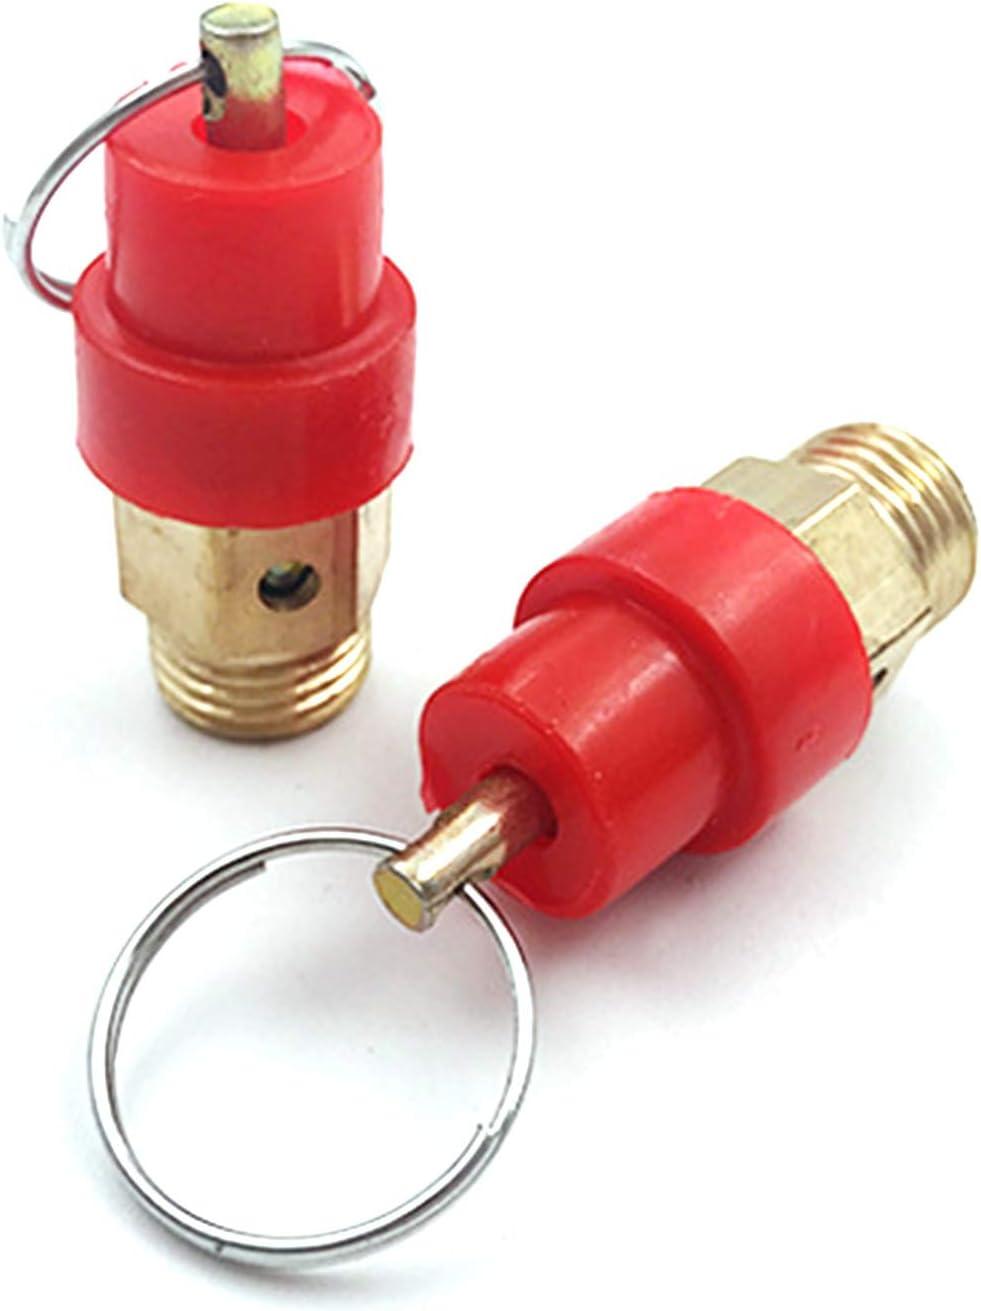 FairytaleMM 1//48KG Compresseur dair Soupape de d/écharge du r/égulateur de surpression valve d/échappement pour machine /à mousse machine dalimentation en eau